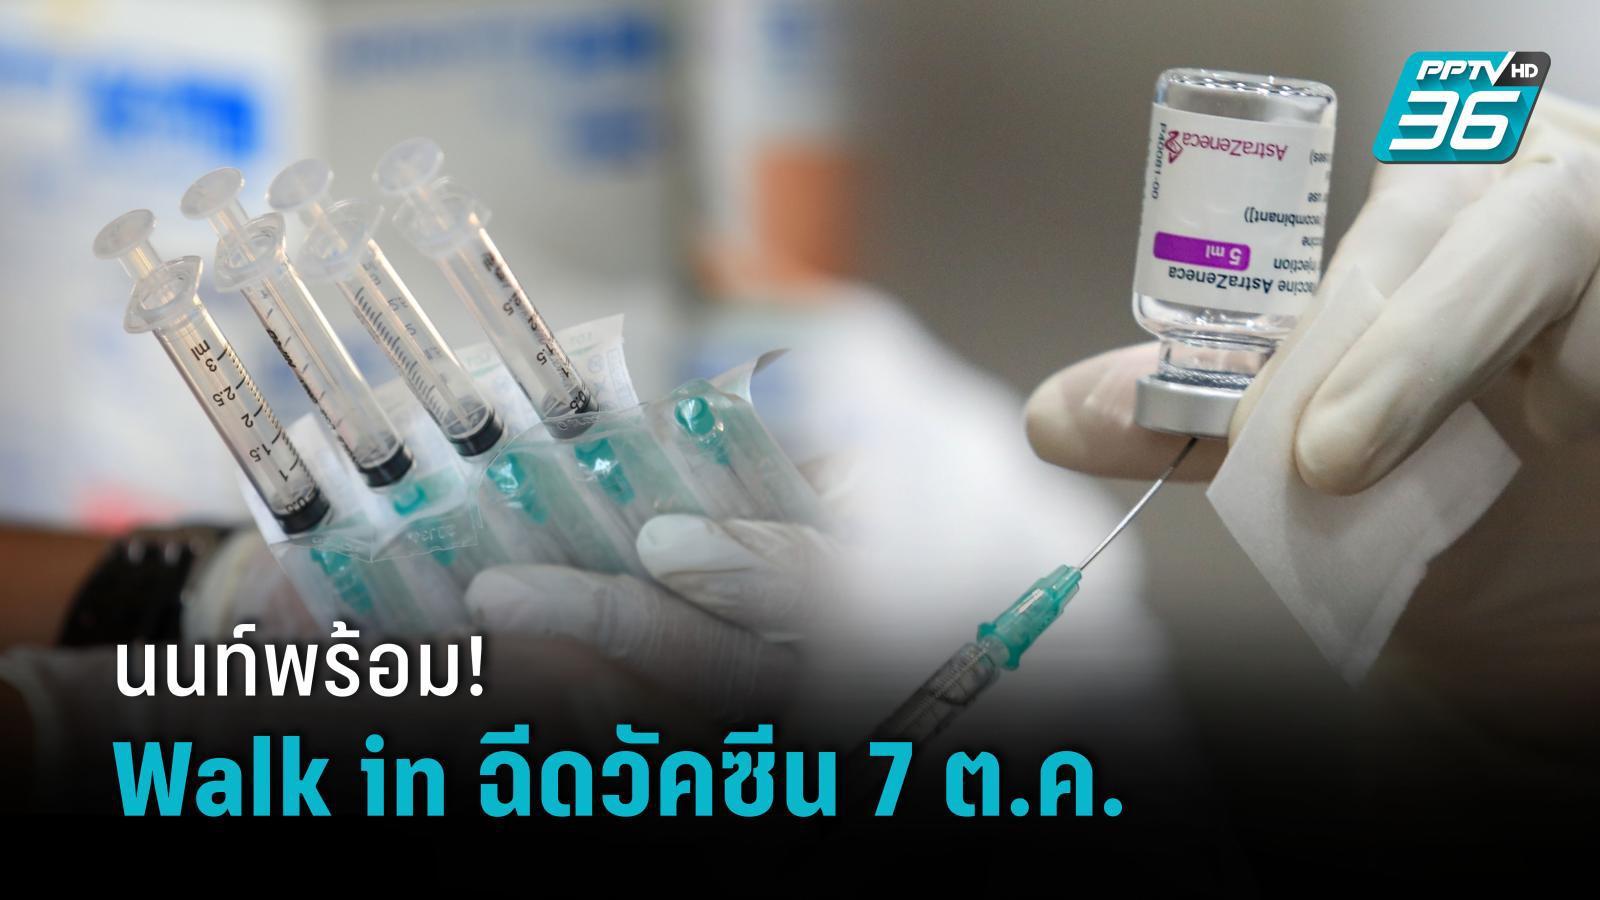 ด่วน! นนท์พร้อม Walk in ฉีดวัคซีนสูตรไขว้ 7 ตุลาคม 64 รับคิวเที่ยงตรง